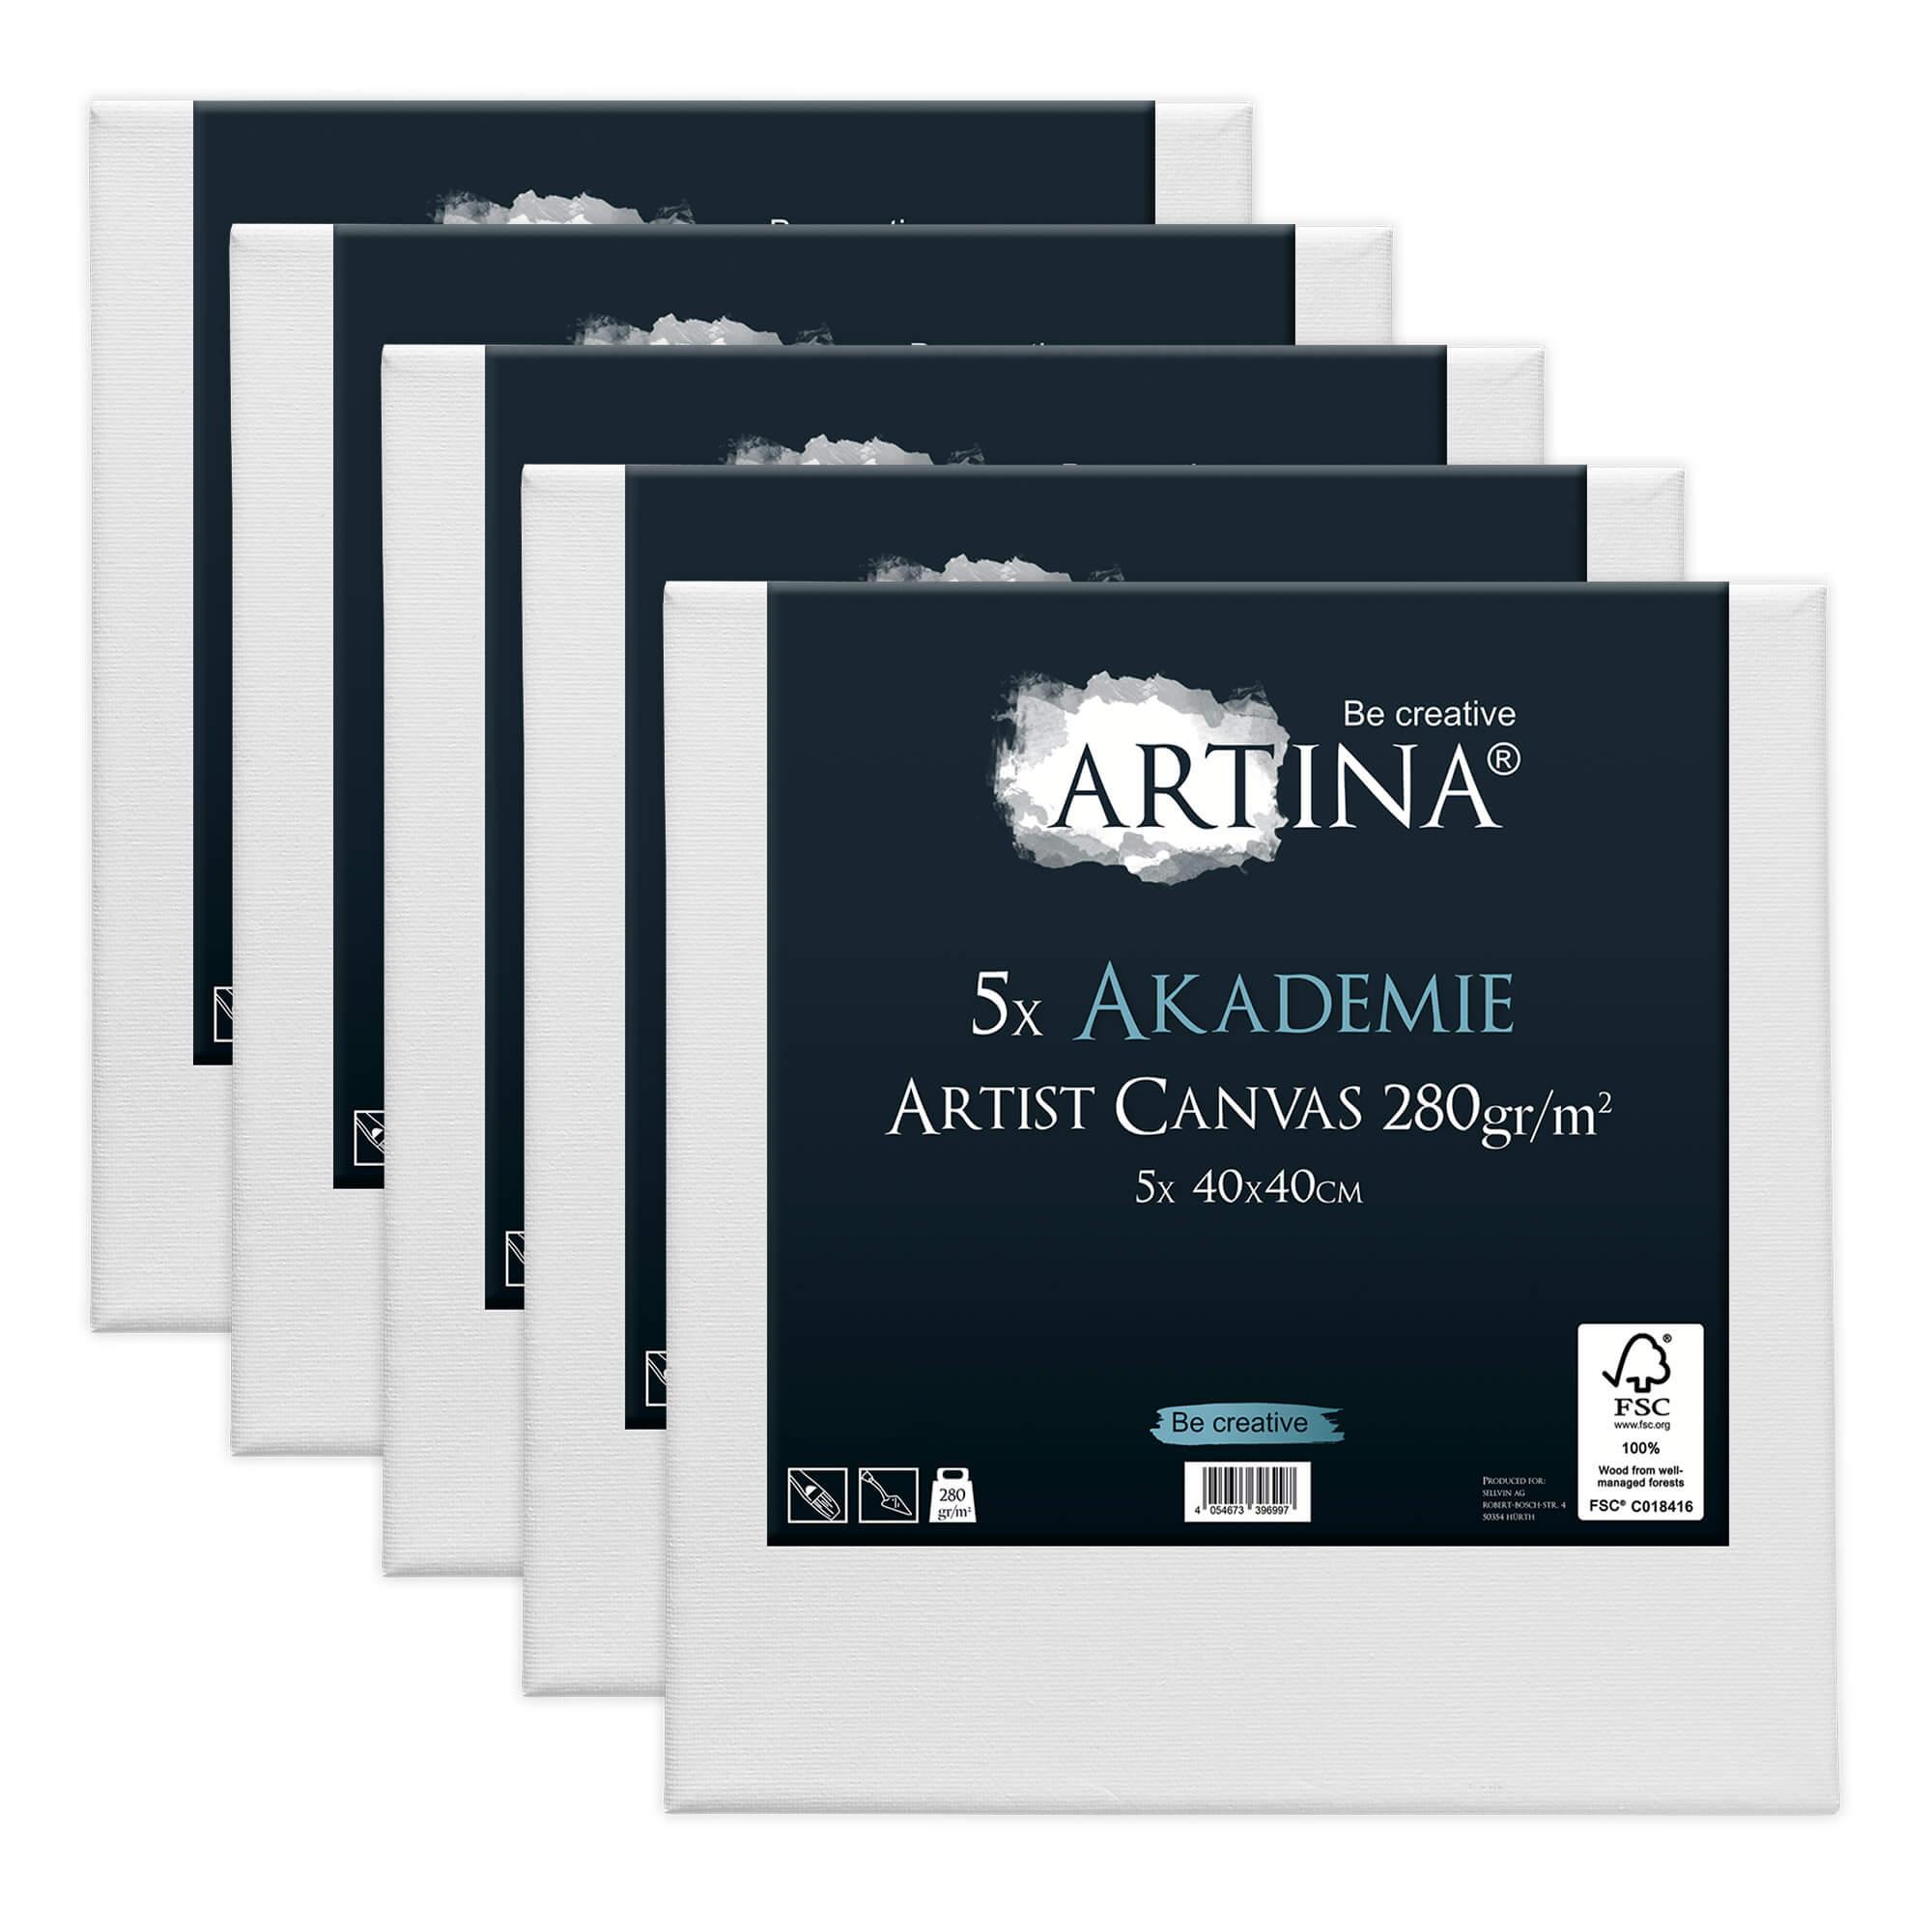 5er Set Artina Akademie Keilrahmen FSC®-zertifiziert 40x40 cm